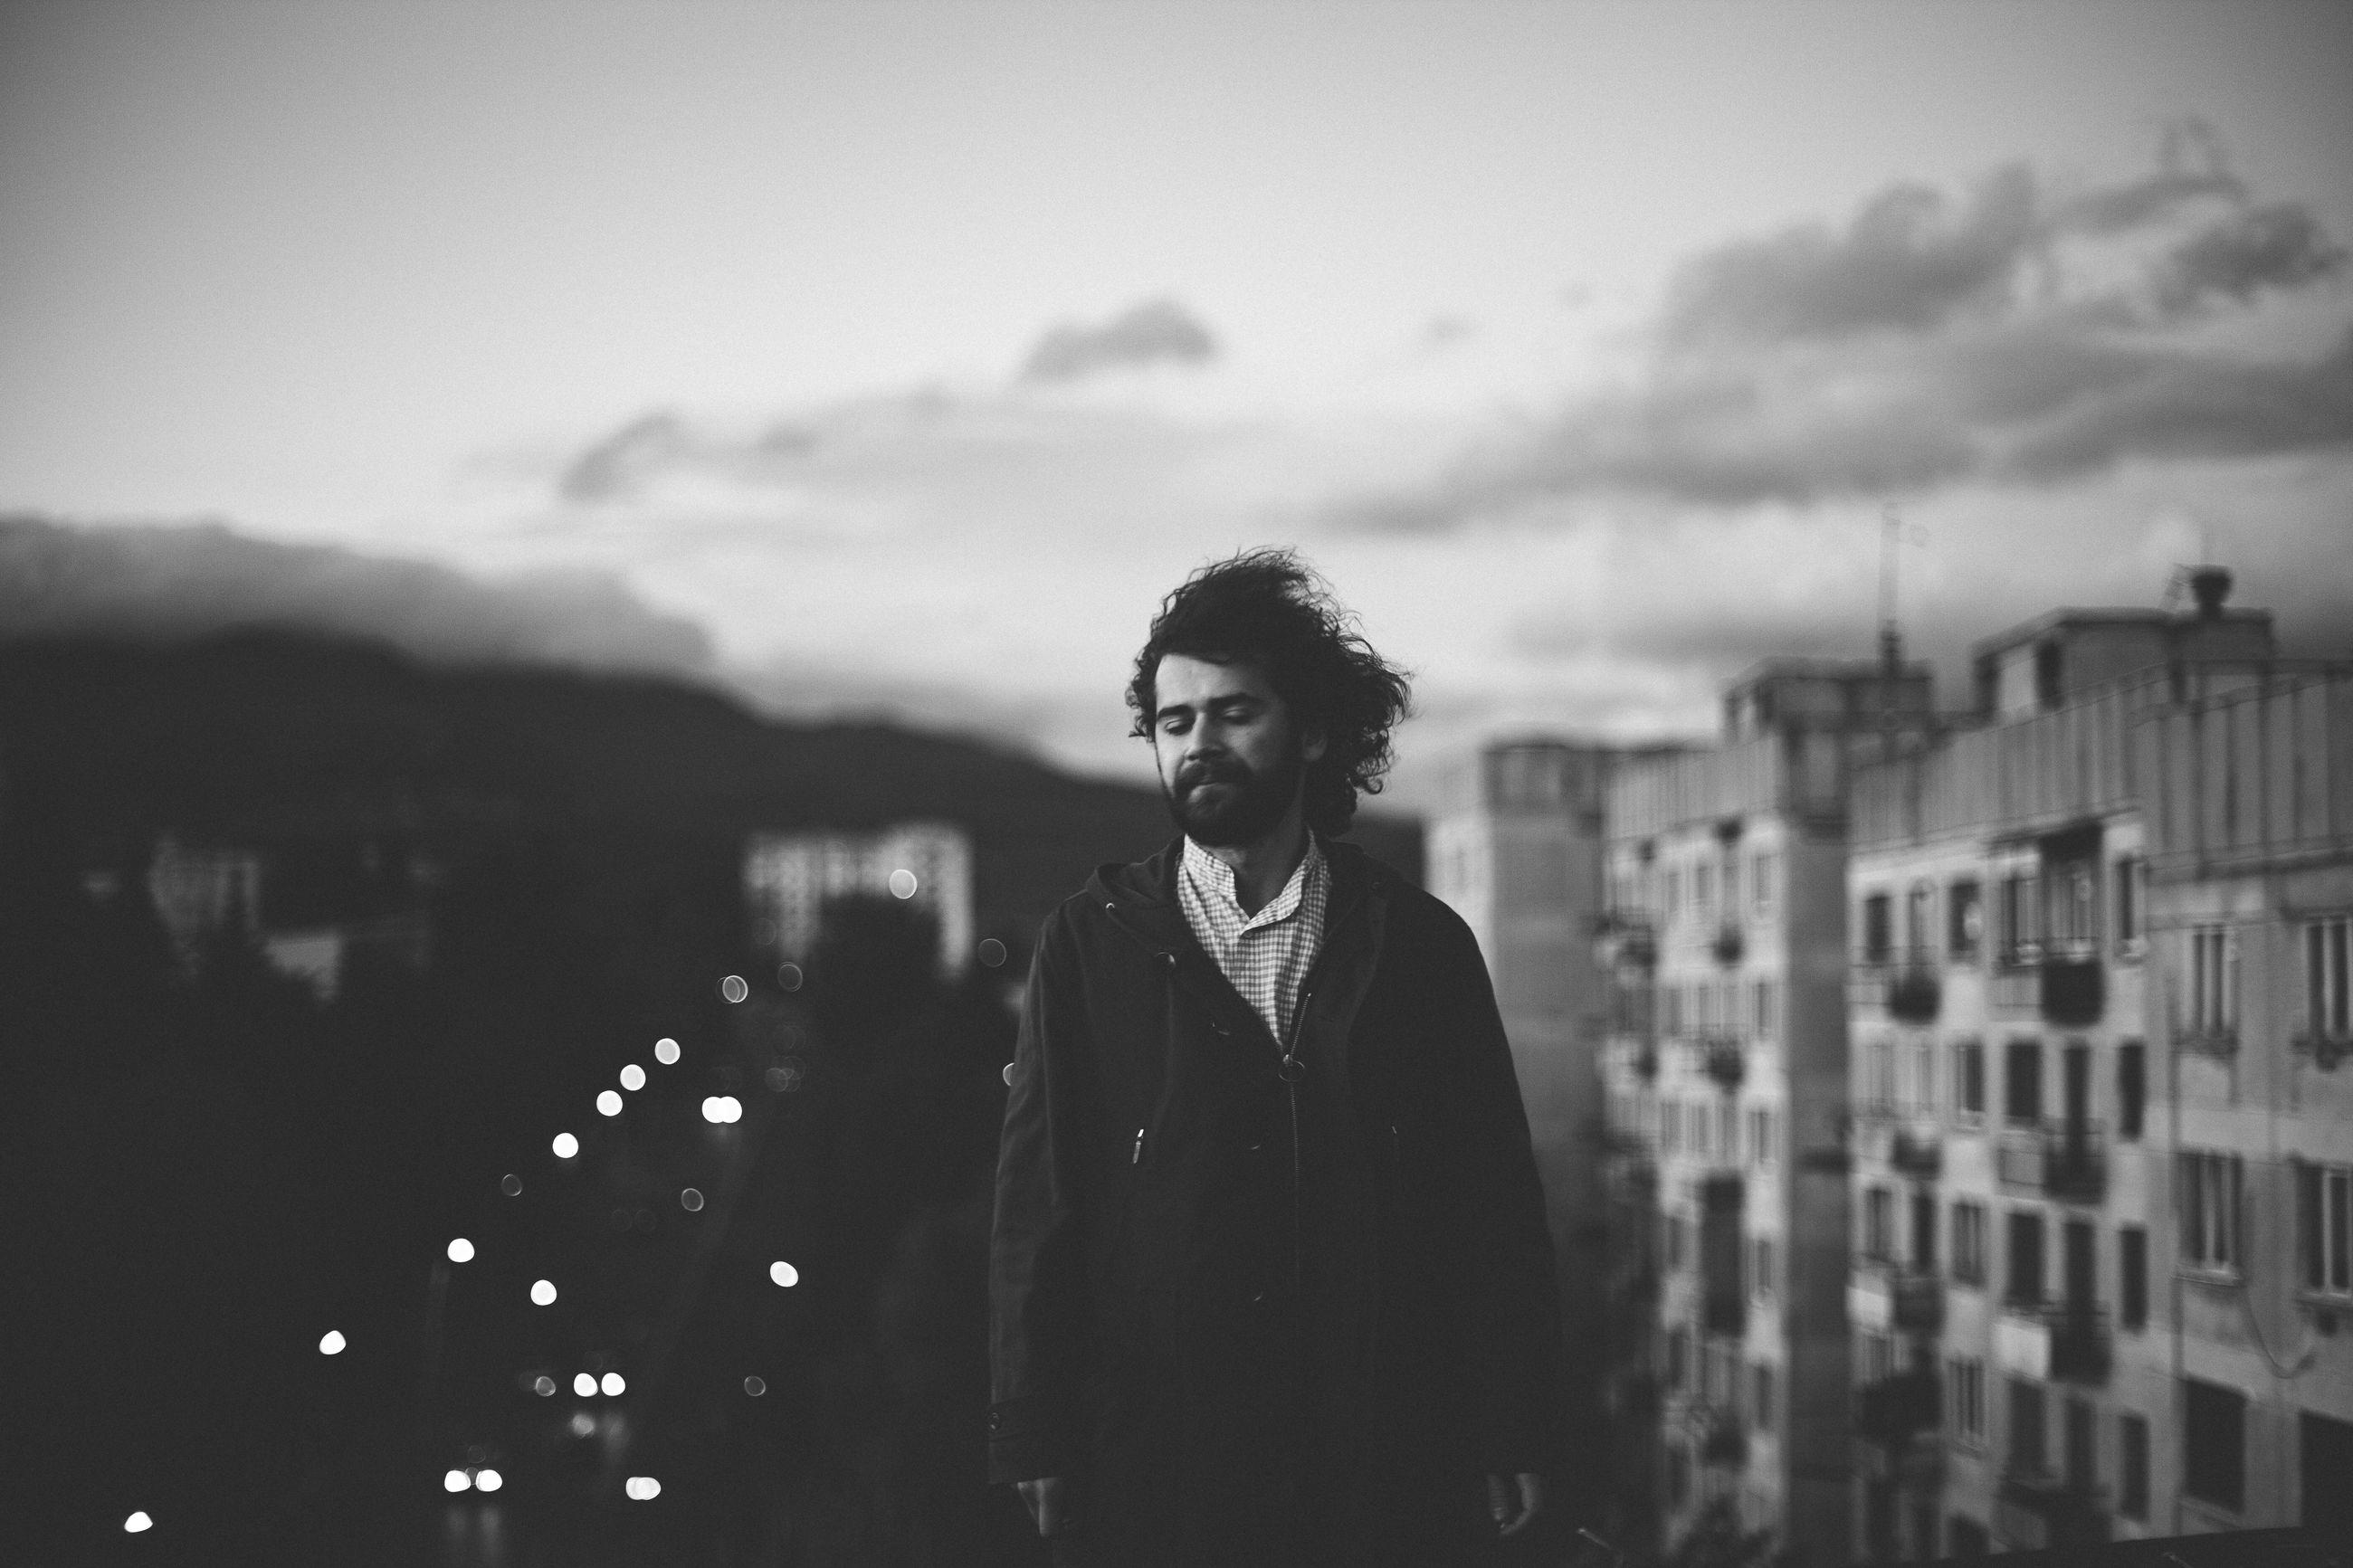 Man standing against buildings in city